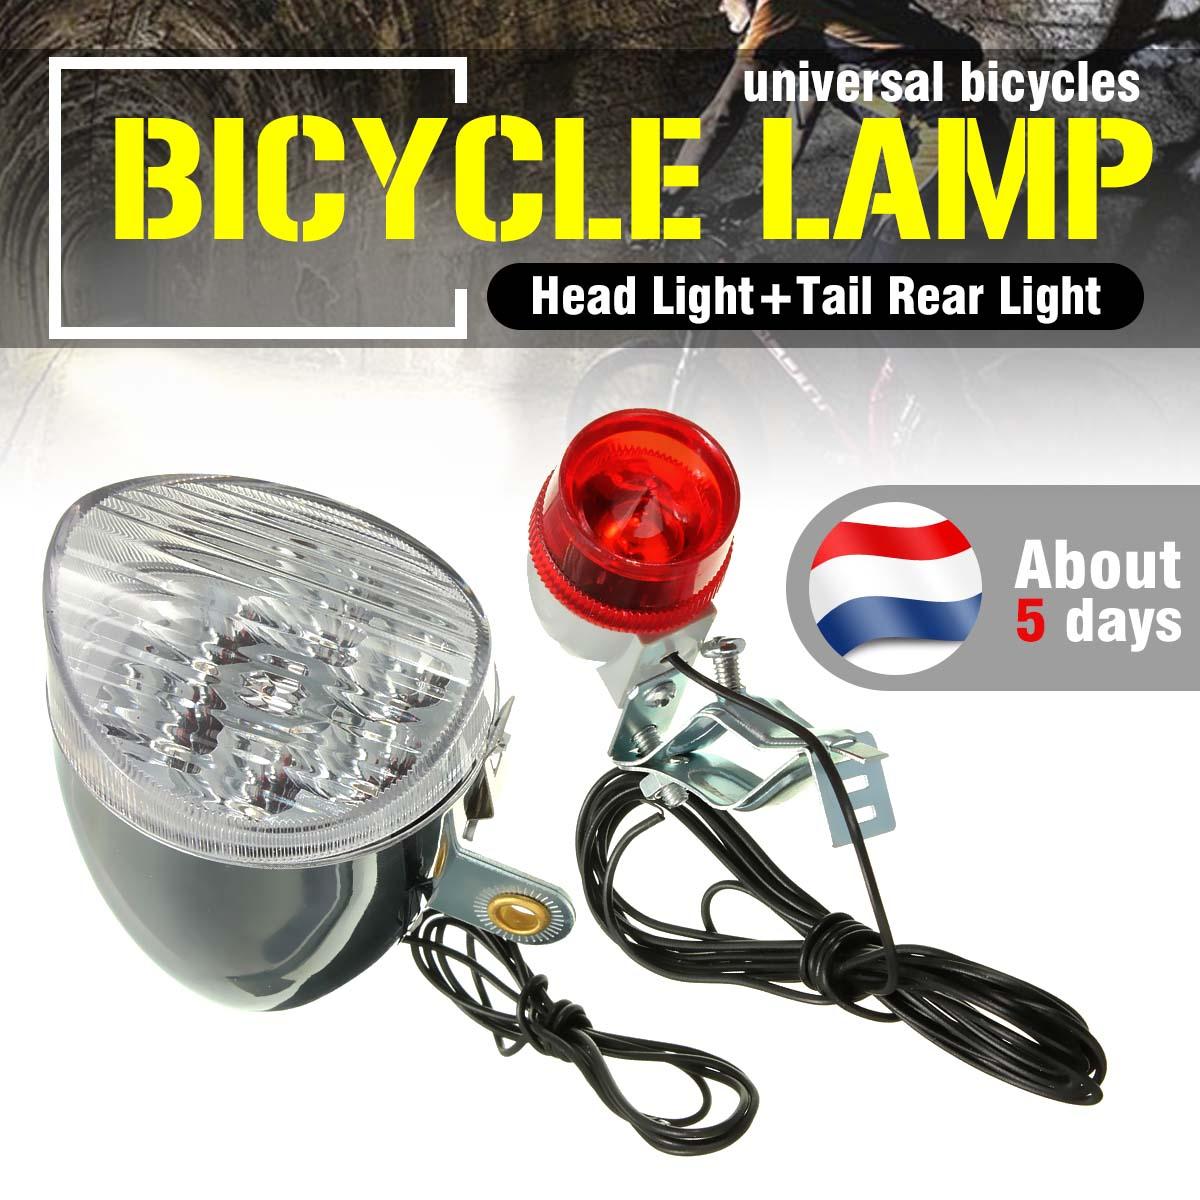 Nueva llegada de fricción generador motorizado 6 v 3 W noche ciclismo bicicleta linterna LED bicicleta cola luz trasera Kit deportes al aire libre